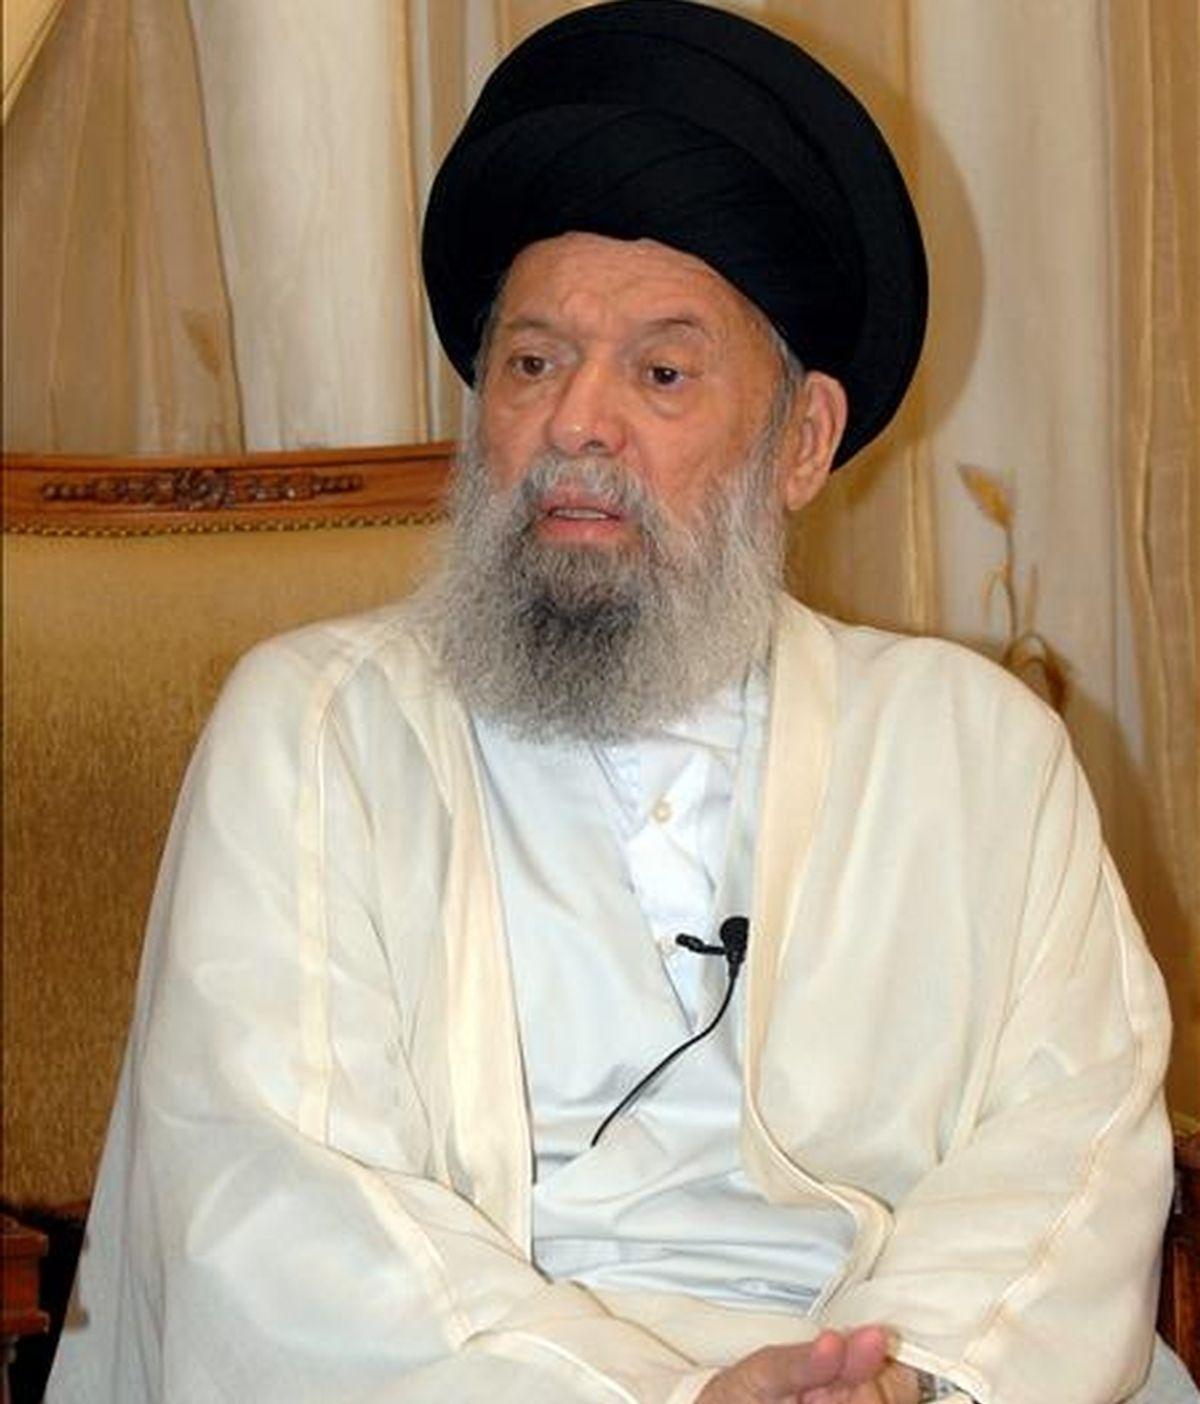 En la imagen, el clérigo chií más influyente del Líbano, el gran ayatolá Mohamad Husein Fadlala, durante un encuentro con la prensa en su casa de Beirut (Líbano). Fadlala, que ingresó en el hospital hace dos días por hemorragias internas, ha fallecido hoy, domingo 4 de julio de 2010, según anunciaron fuentes hospitalarias en Beirut. EFE